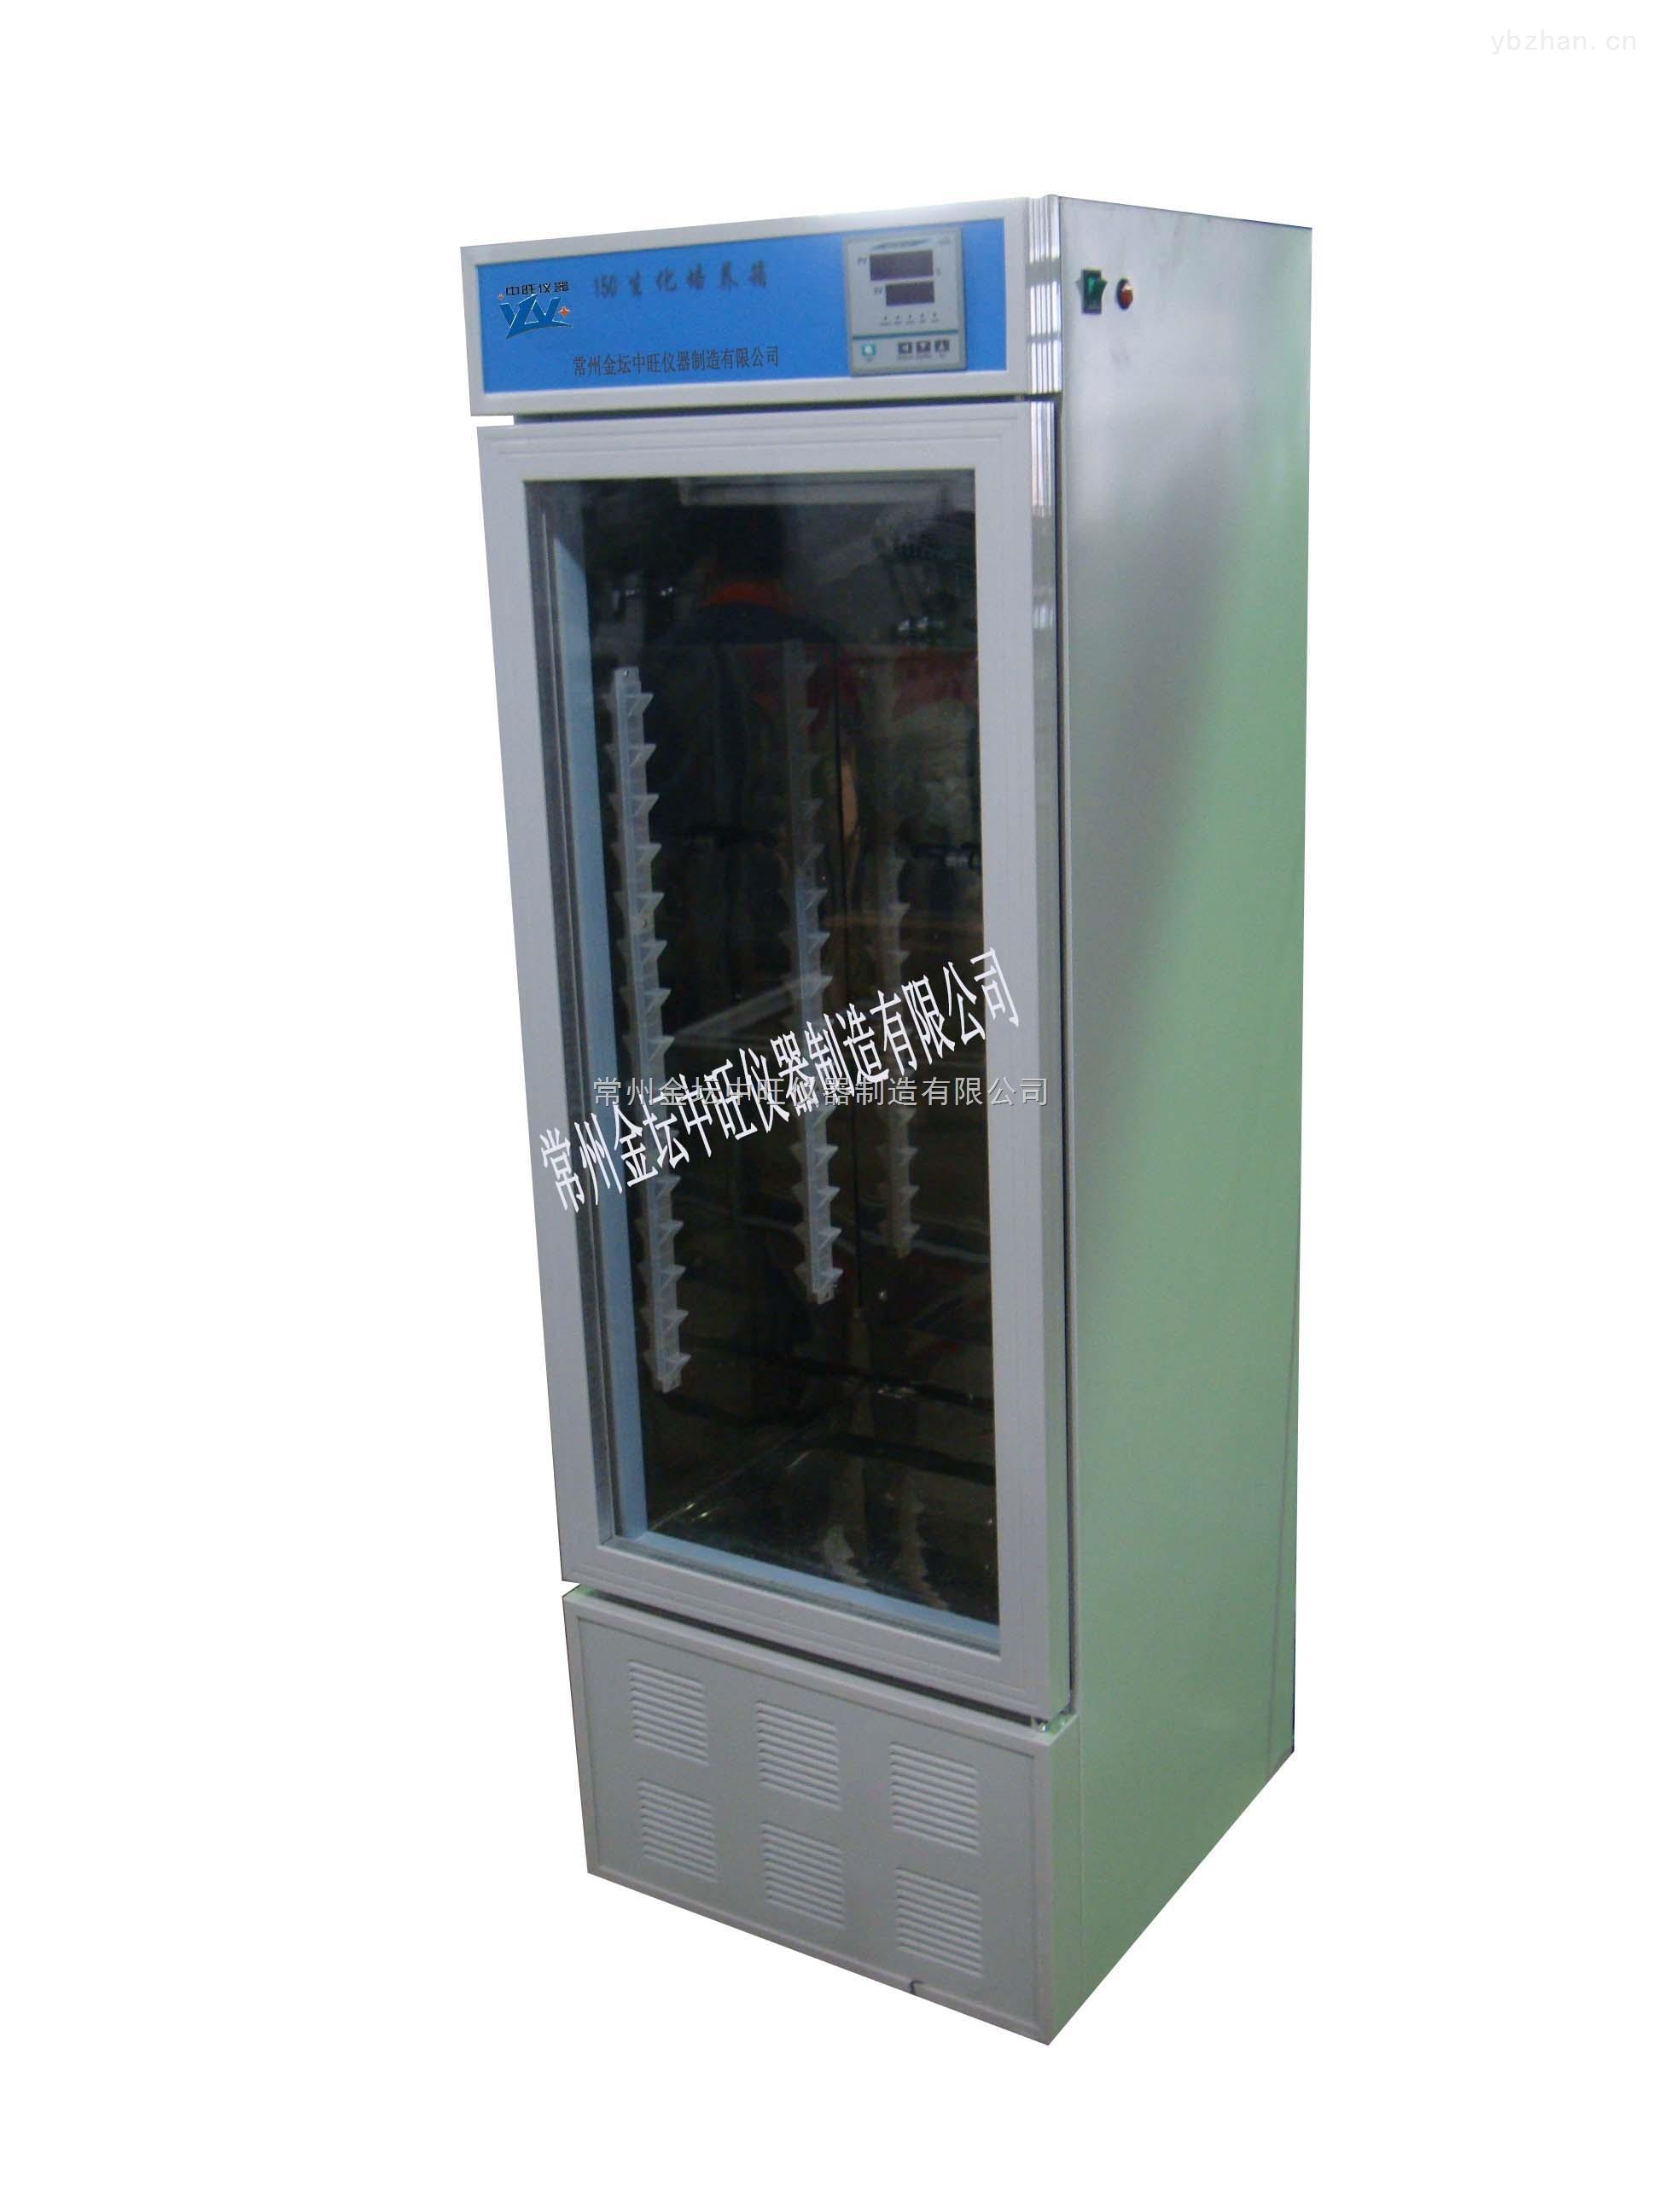 MJX霉菌培养箱产品咨询